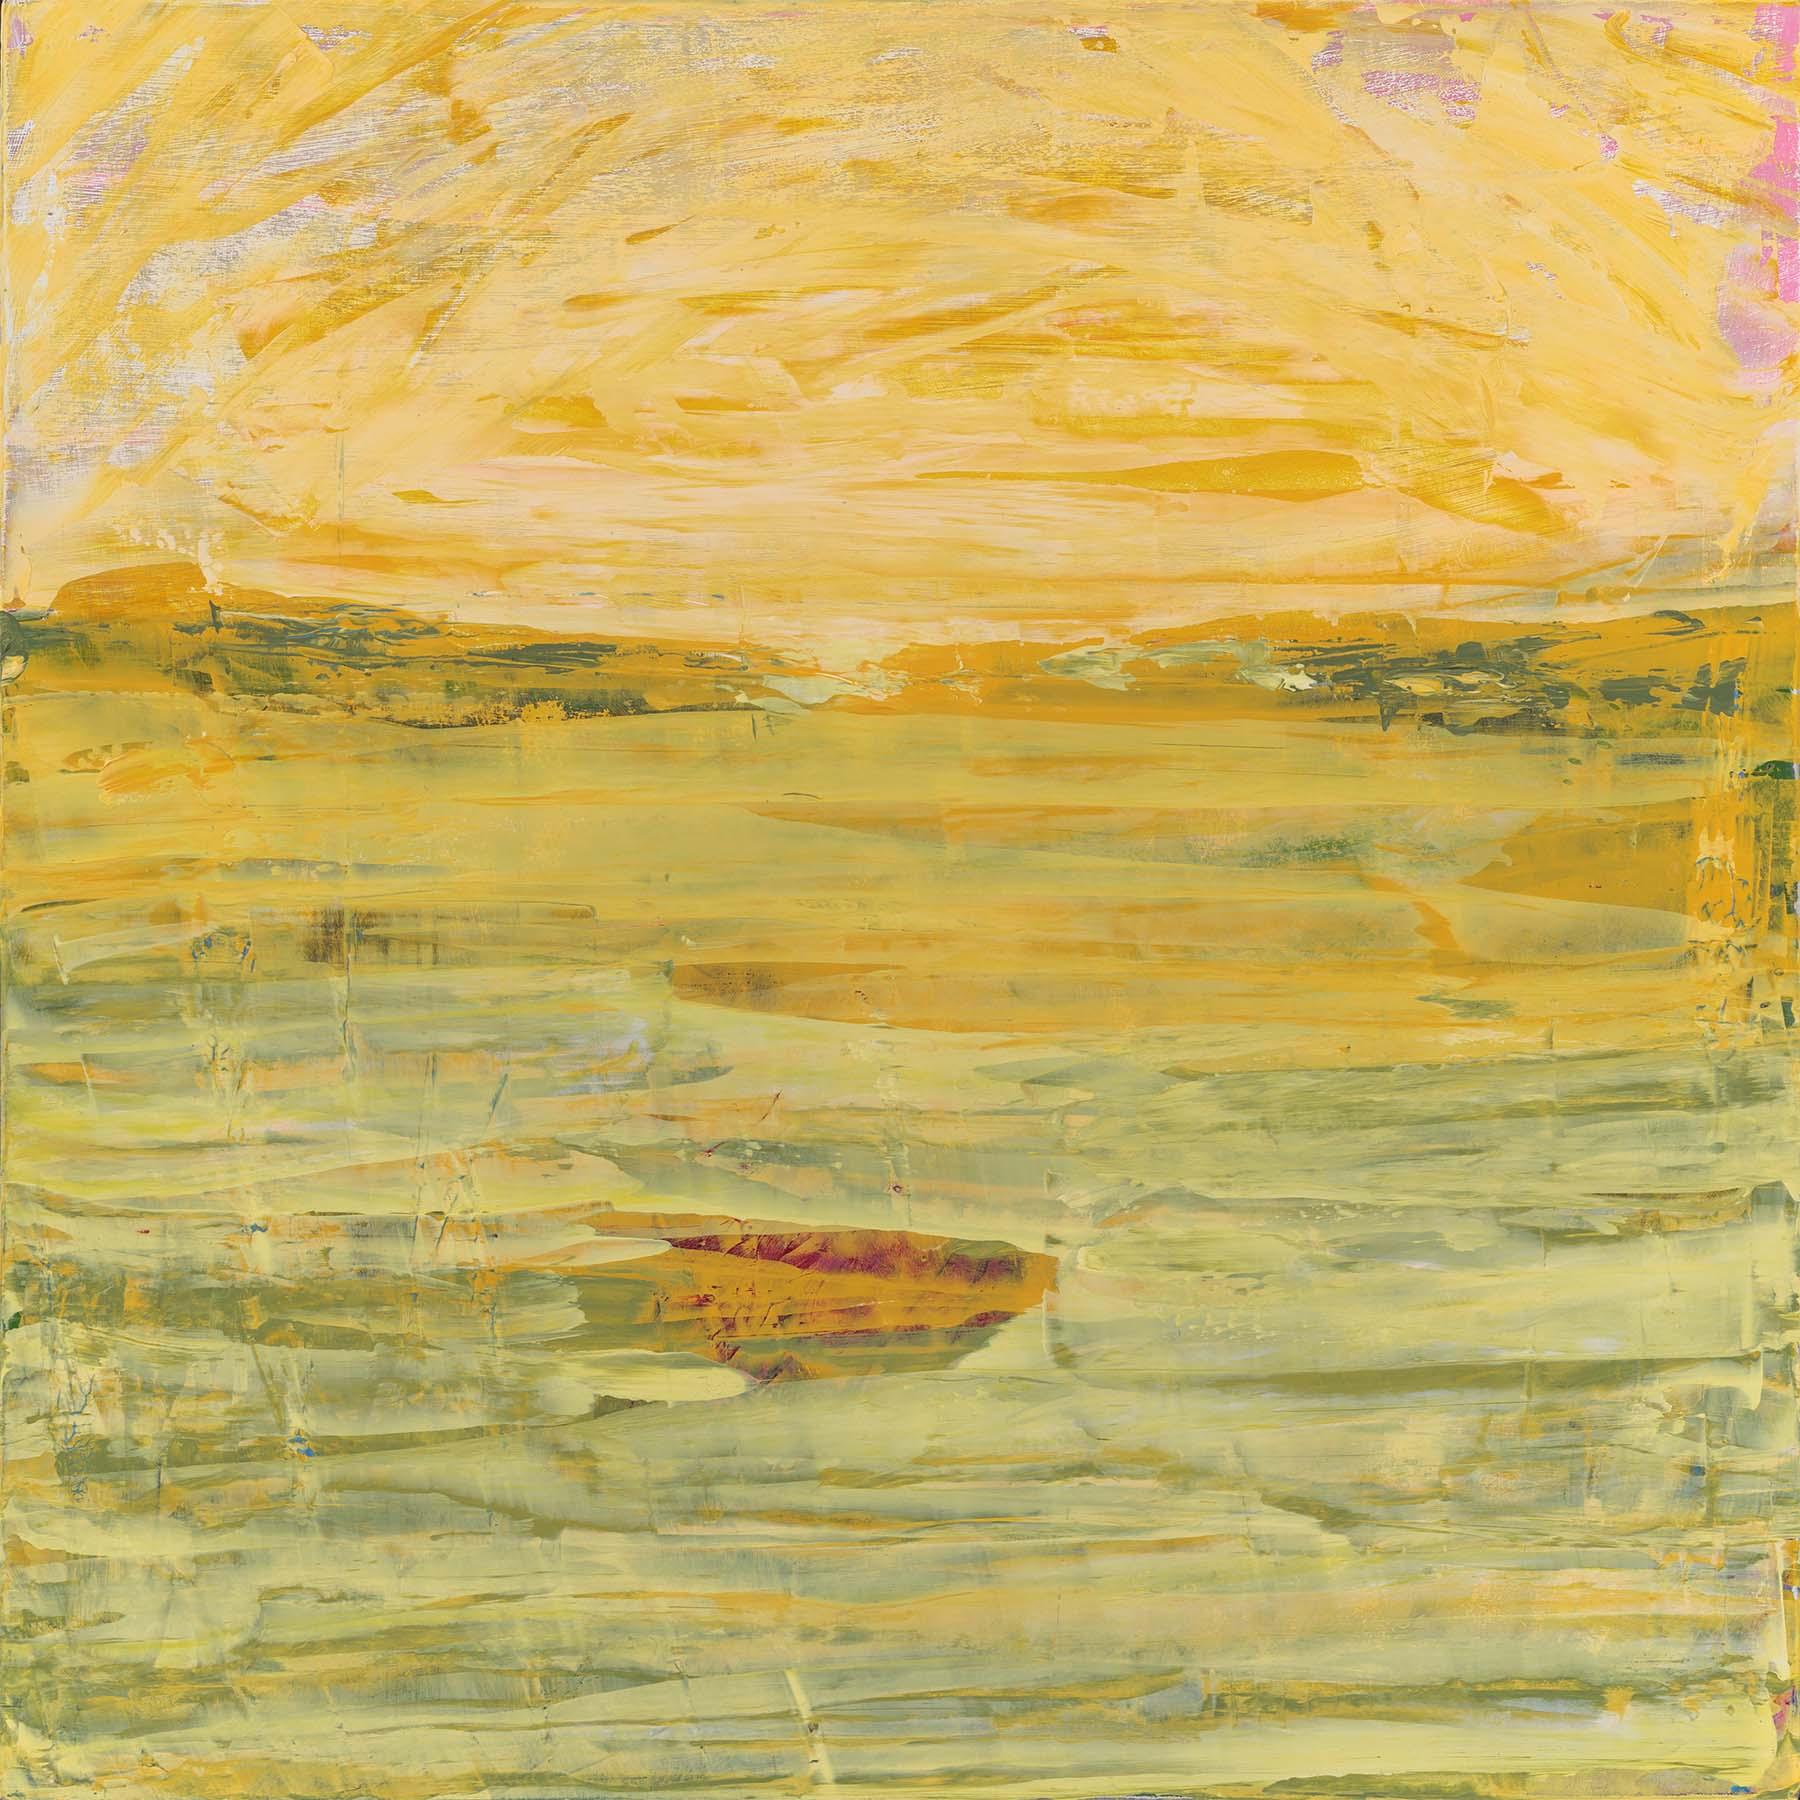 *Yellow Sea, 18 x 18